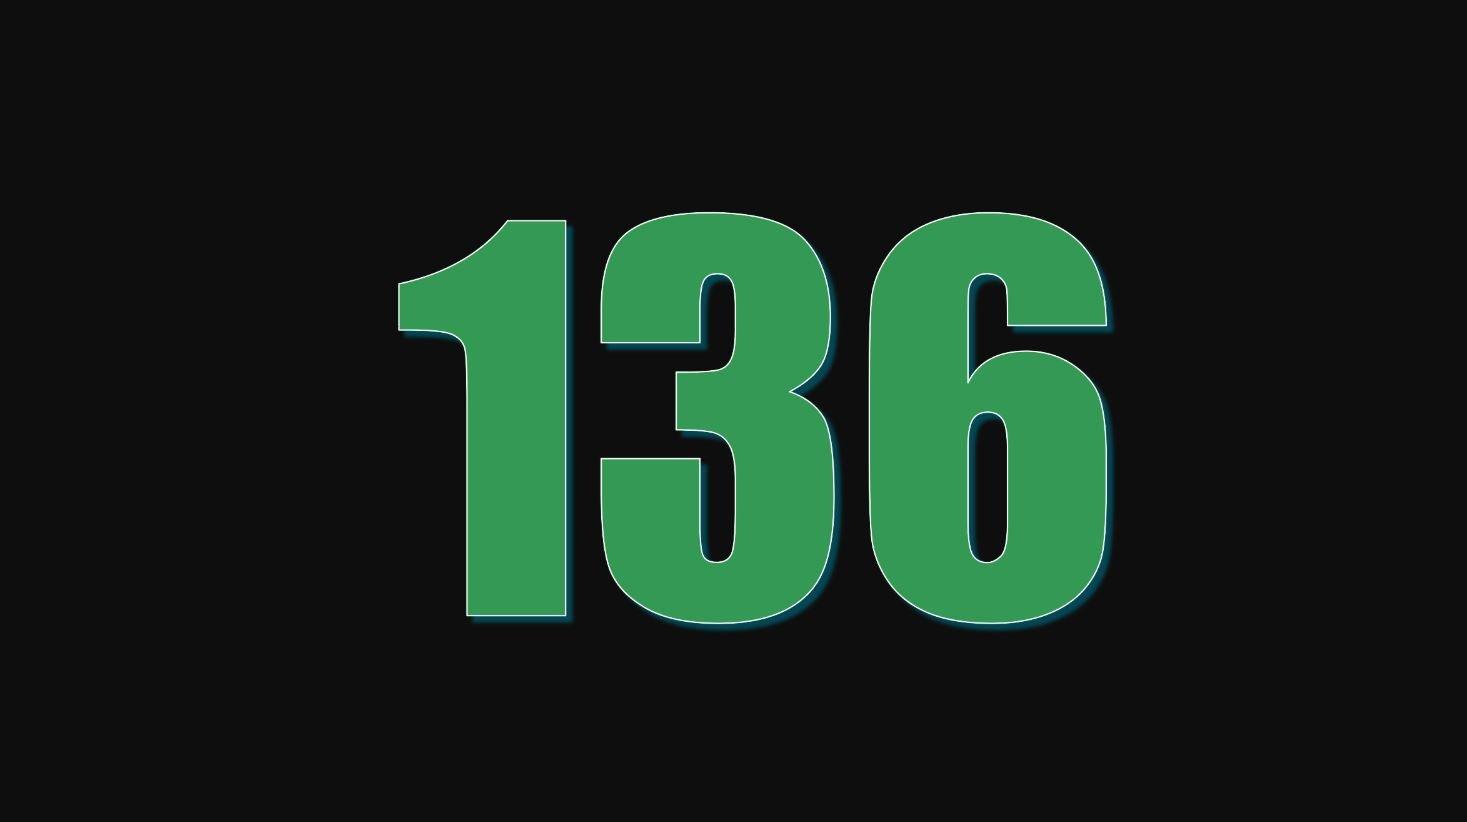 Die Bedeutung der Zahl 136